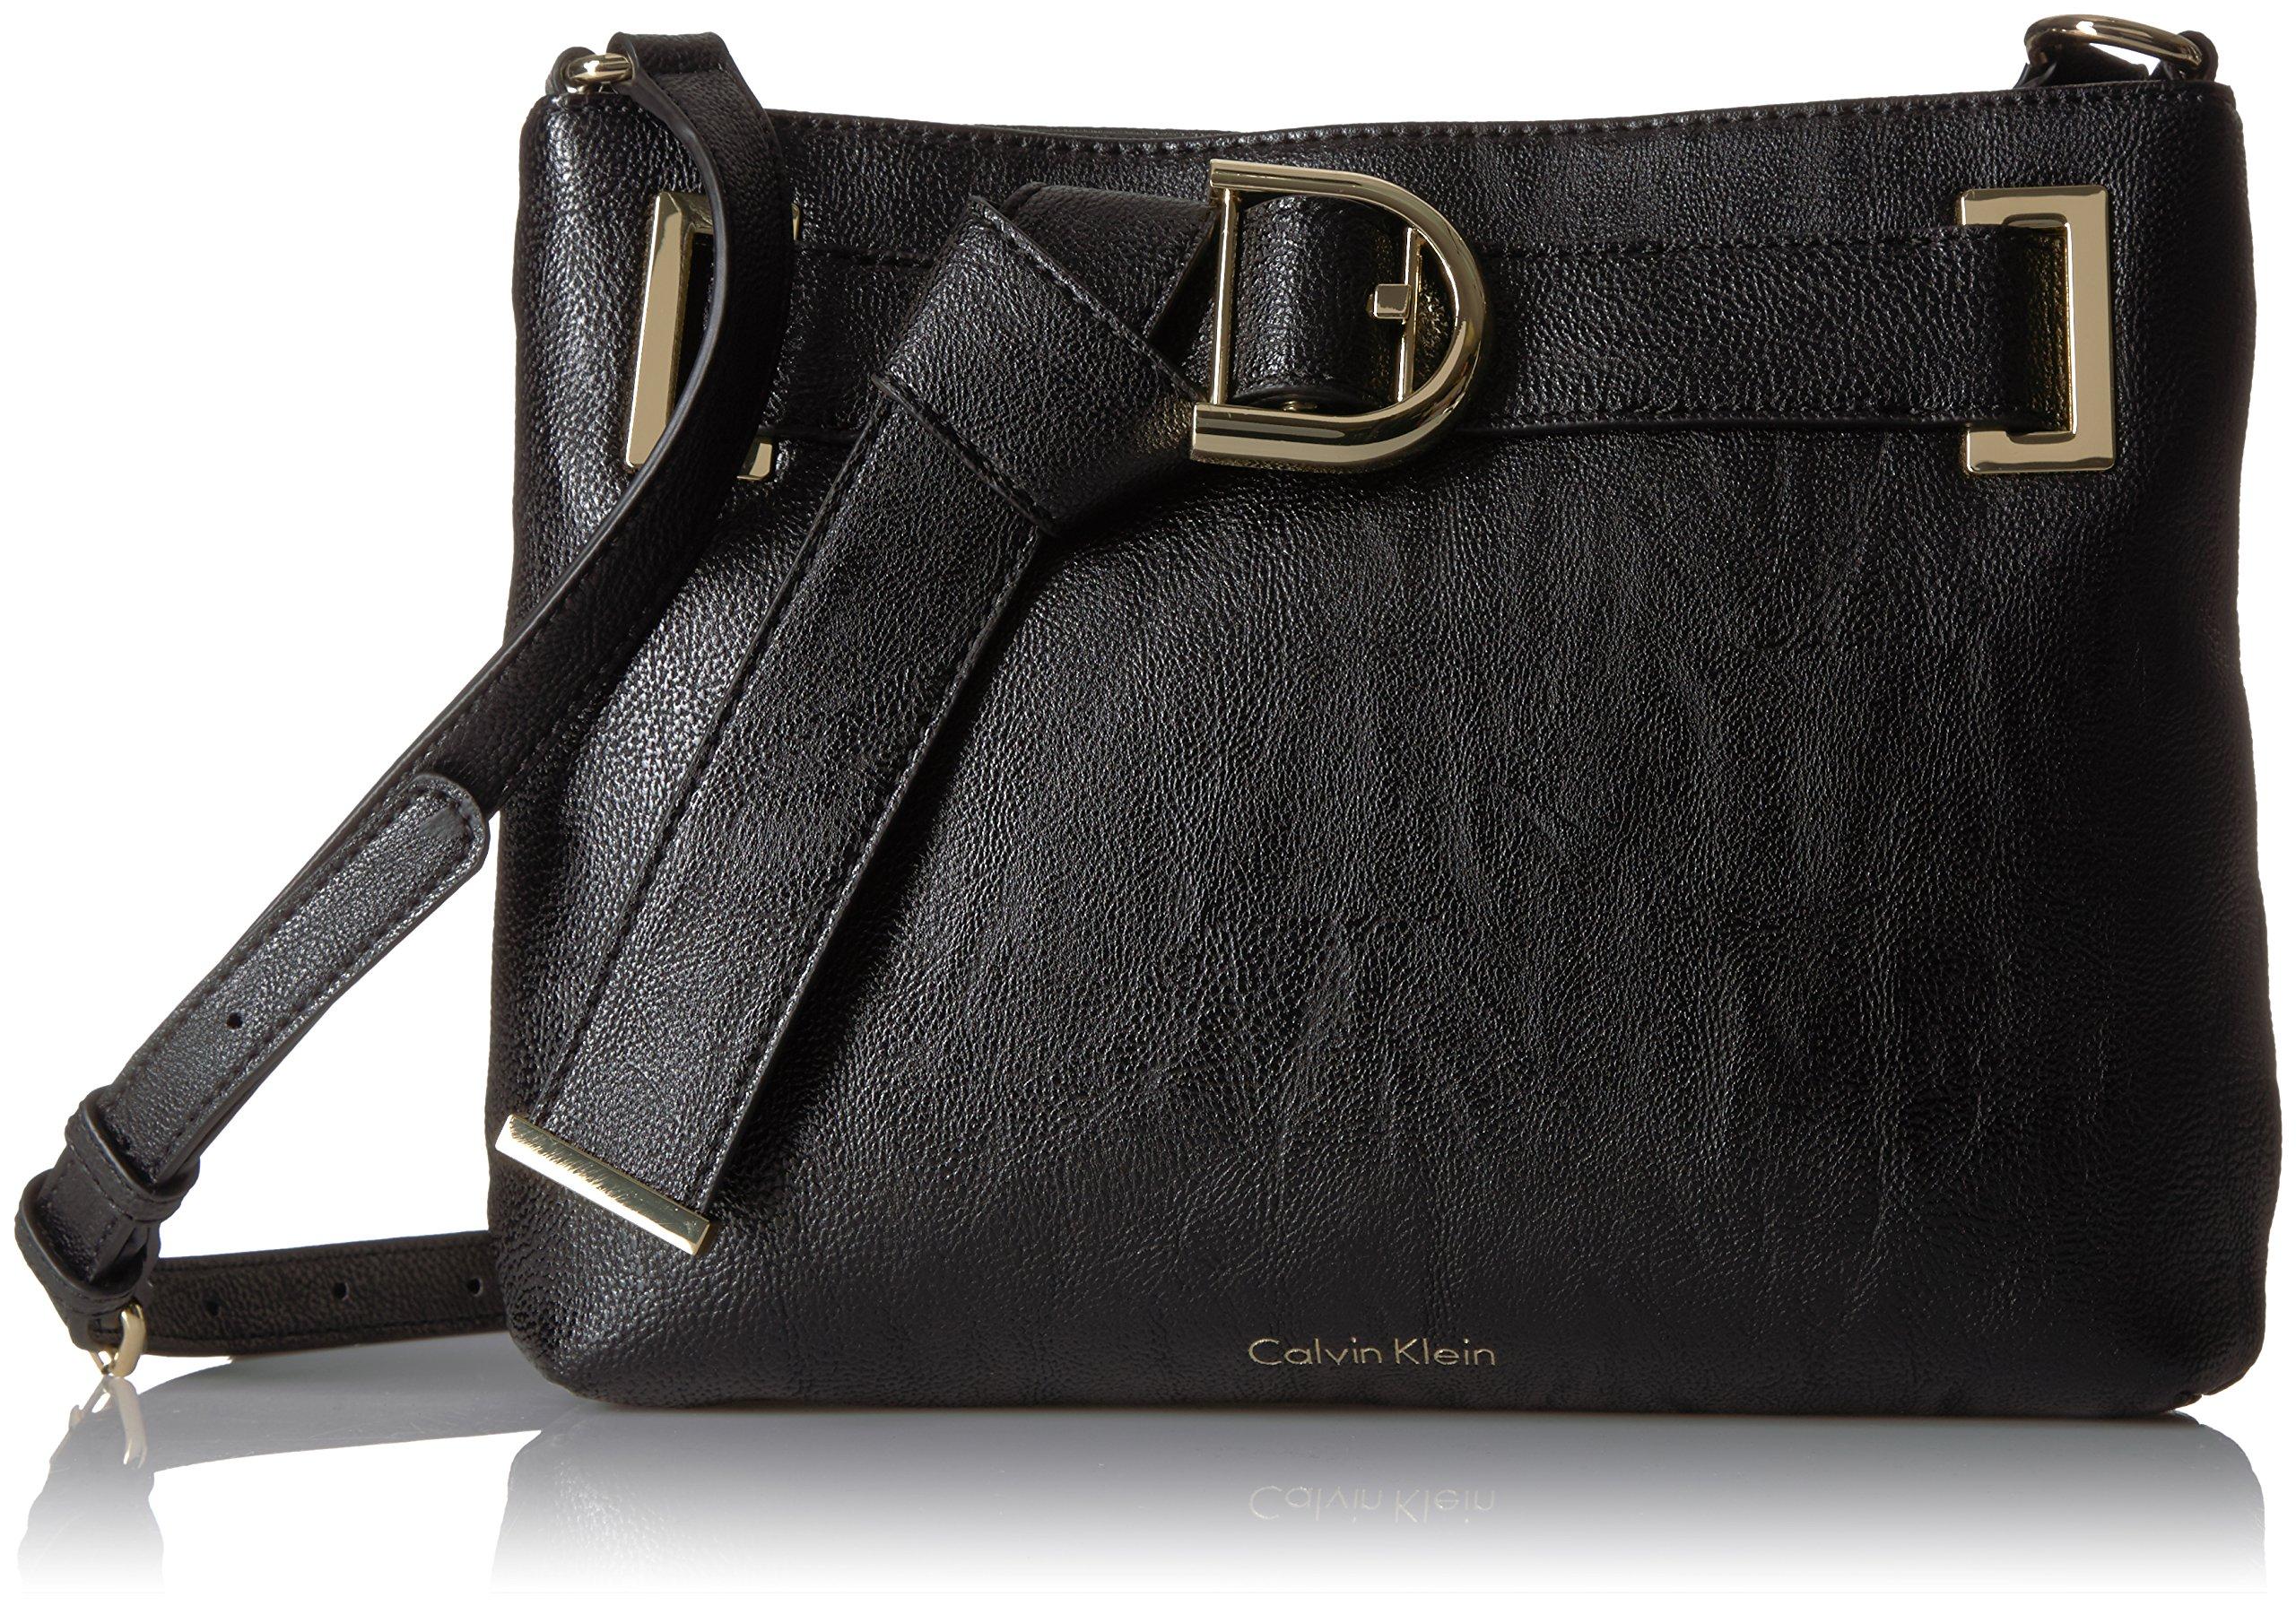 Calvin Klein Nola Belted Top Zip Novelty Crossbody